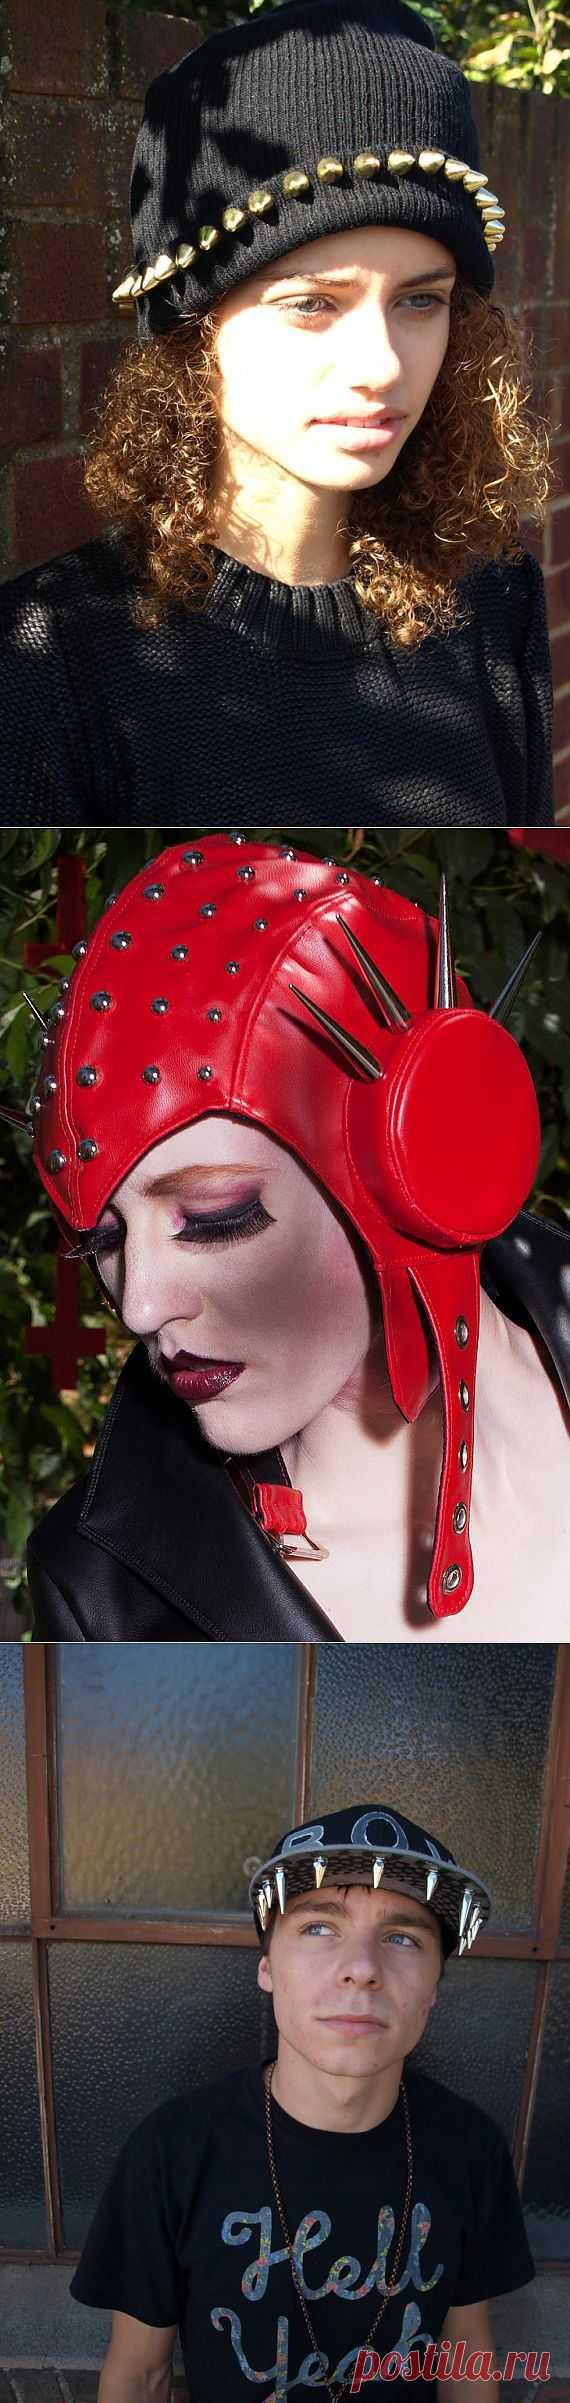 Шипы и клепки на голове (подборка) / Головные уборы / Модный сайт о стильной переделке одежды и интерьера